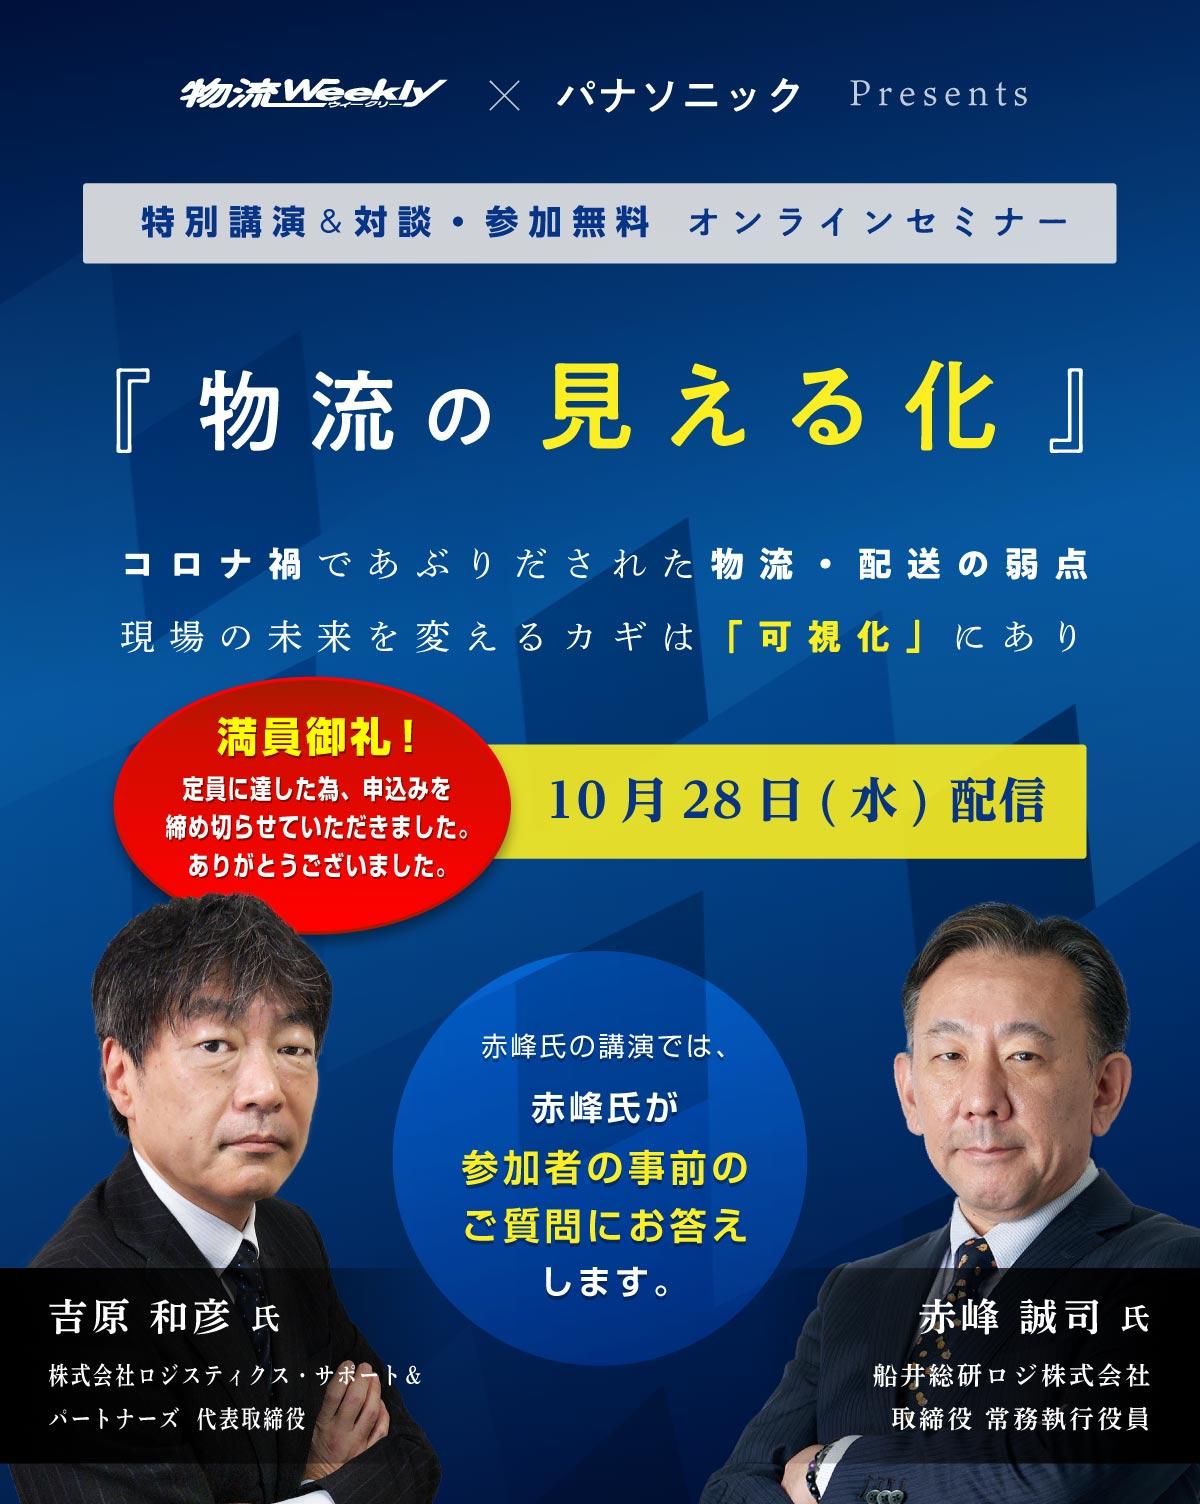 吉原和彦氏、赤峰誠司氏、業界の2大巨頭と言われるトップコンサルによる講演。